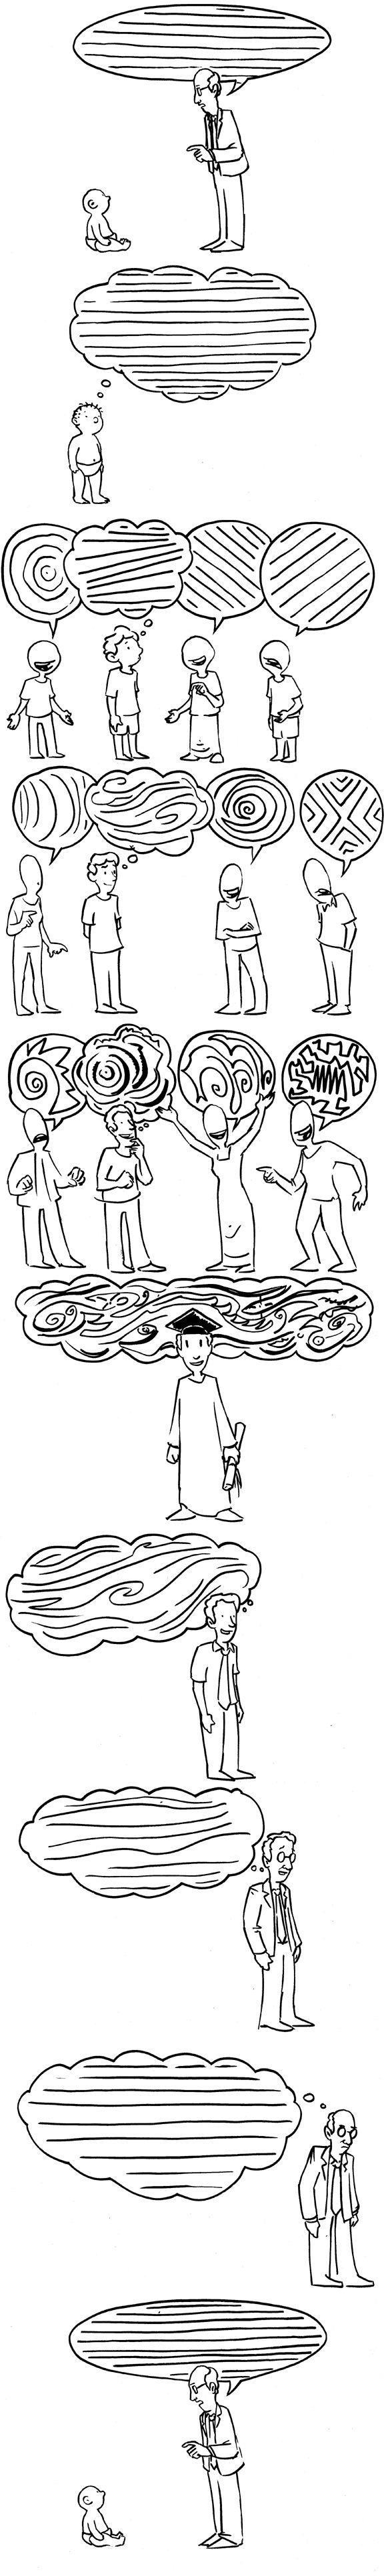 SMBC quino tribute strip